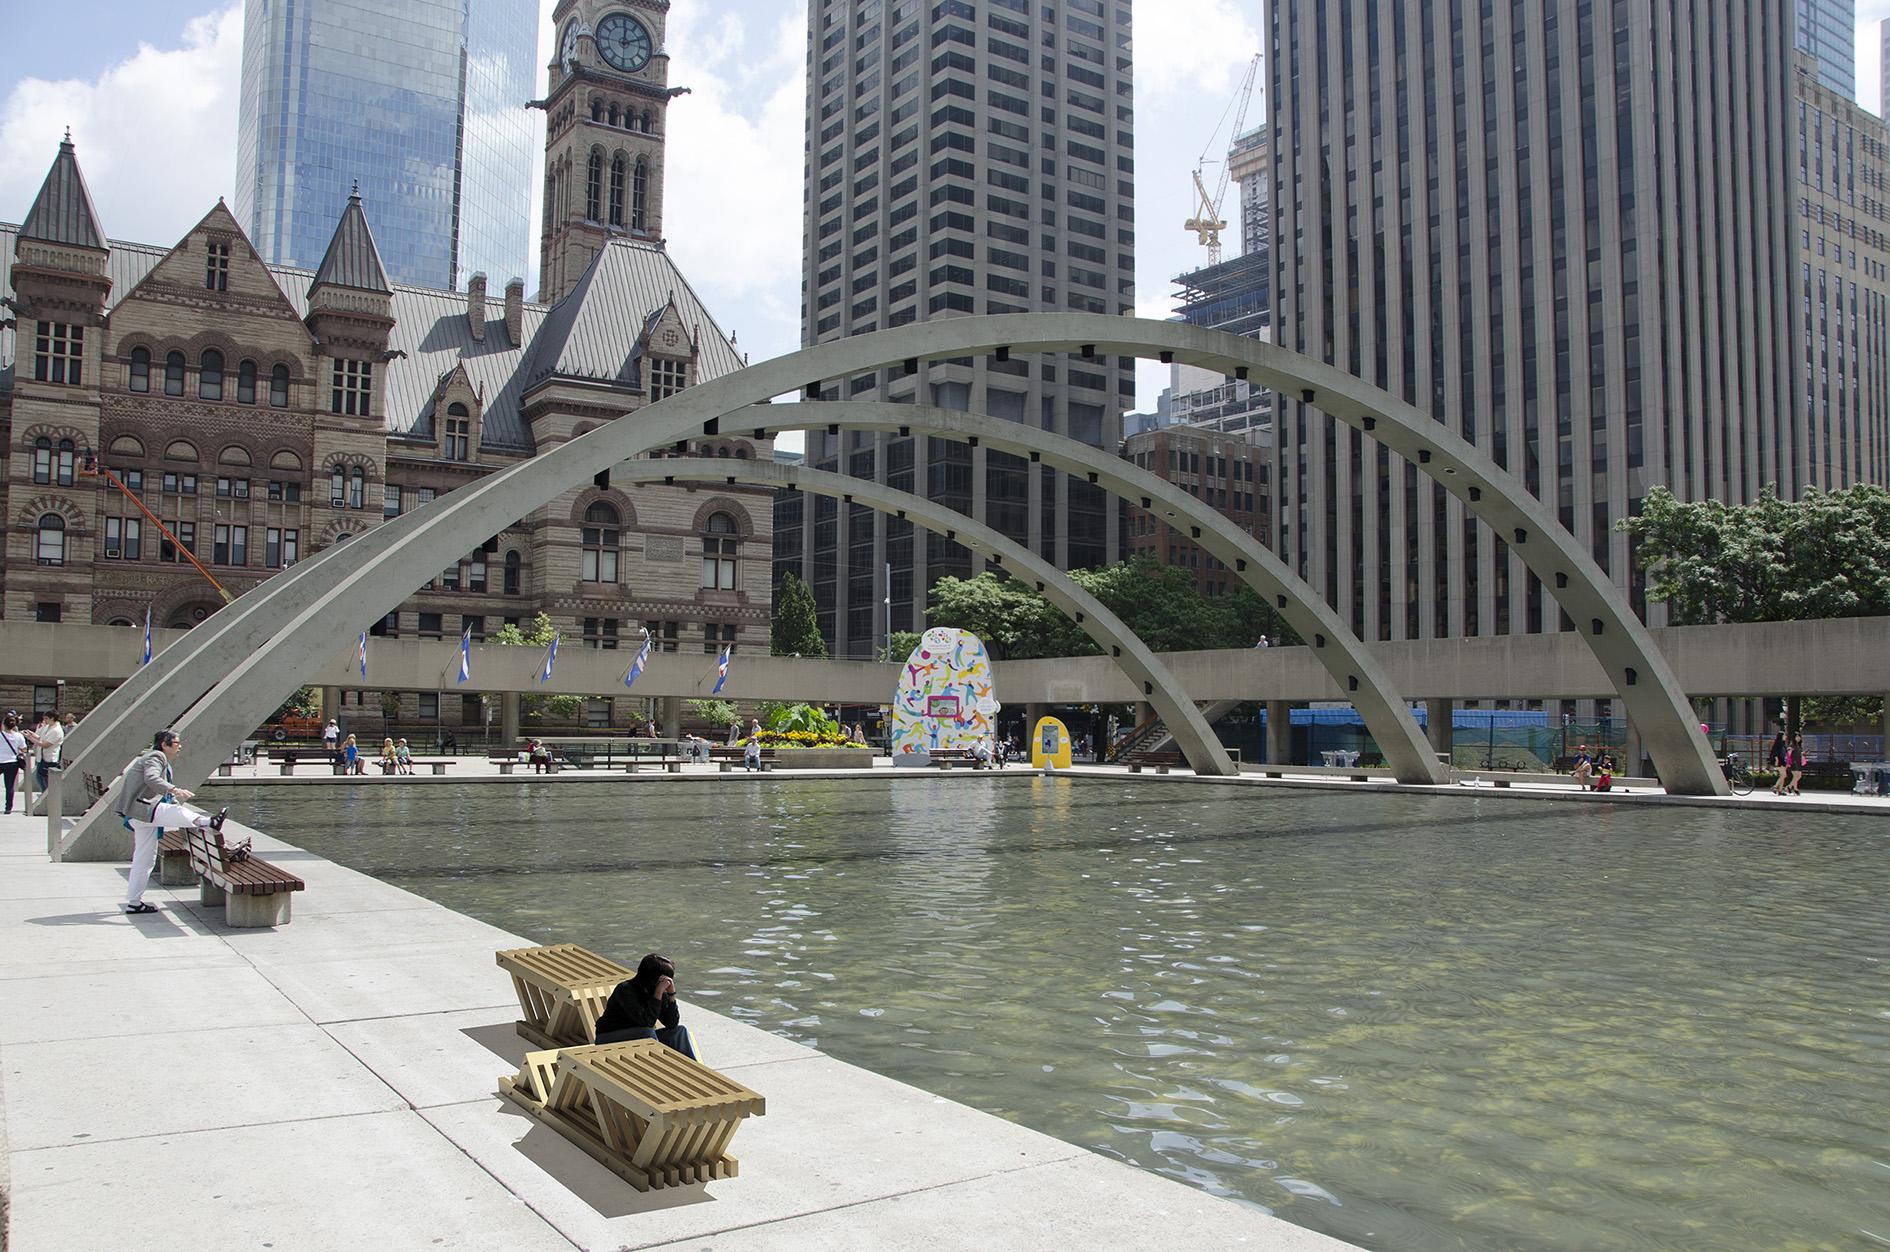 City_hall_Render-reduced.jpg